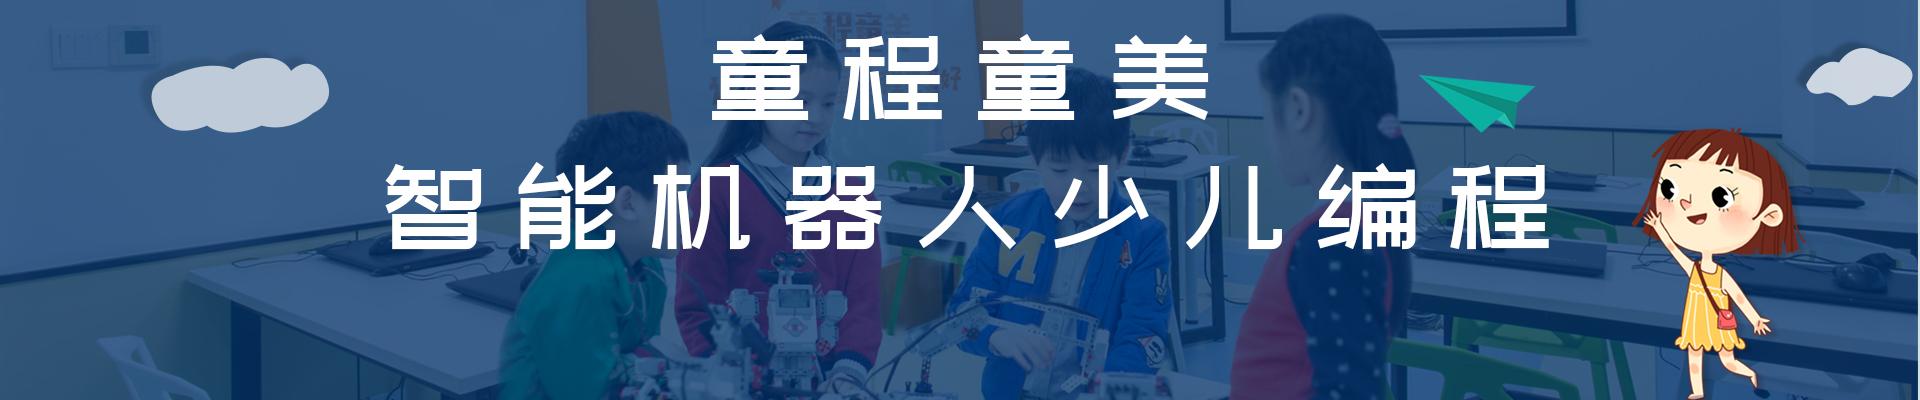 广州万胜围童程童美少儿编程培训